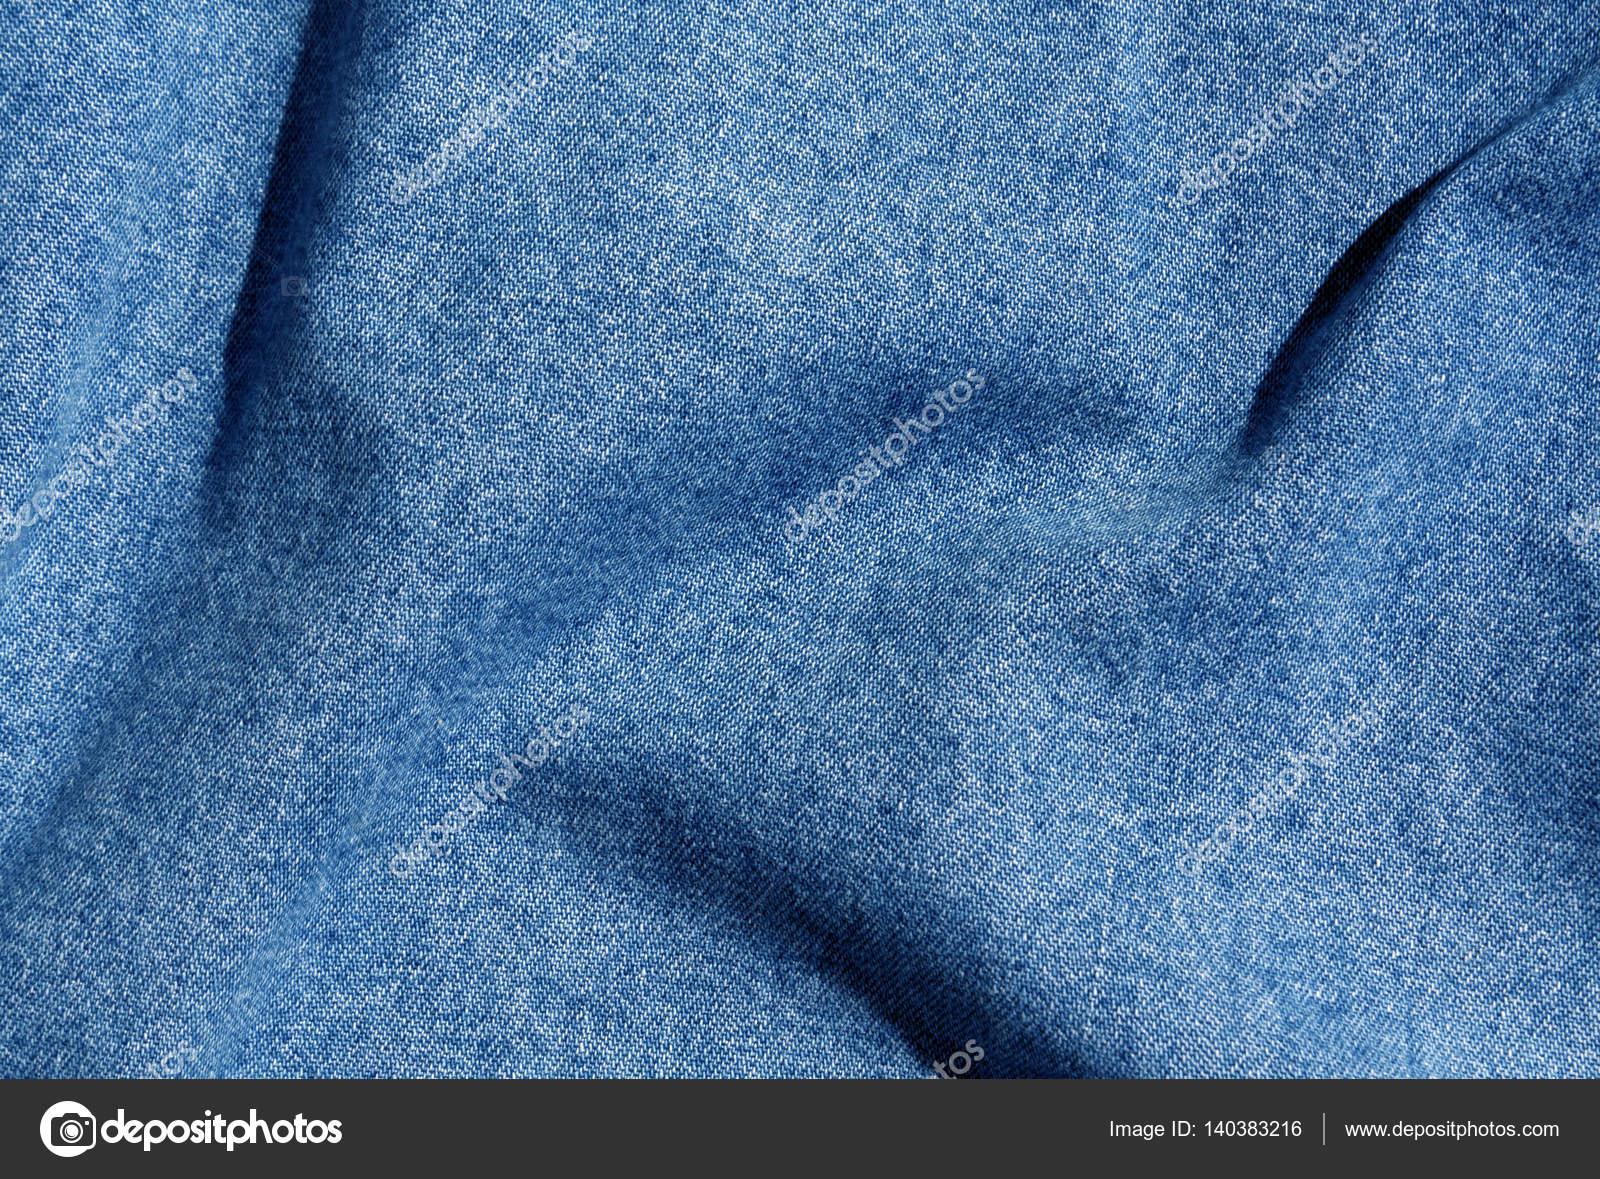 9ef2de42ce Kék színű farmer ruha textúra — Stock Fotó © pavelalexeev #140383216